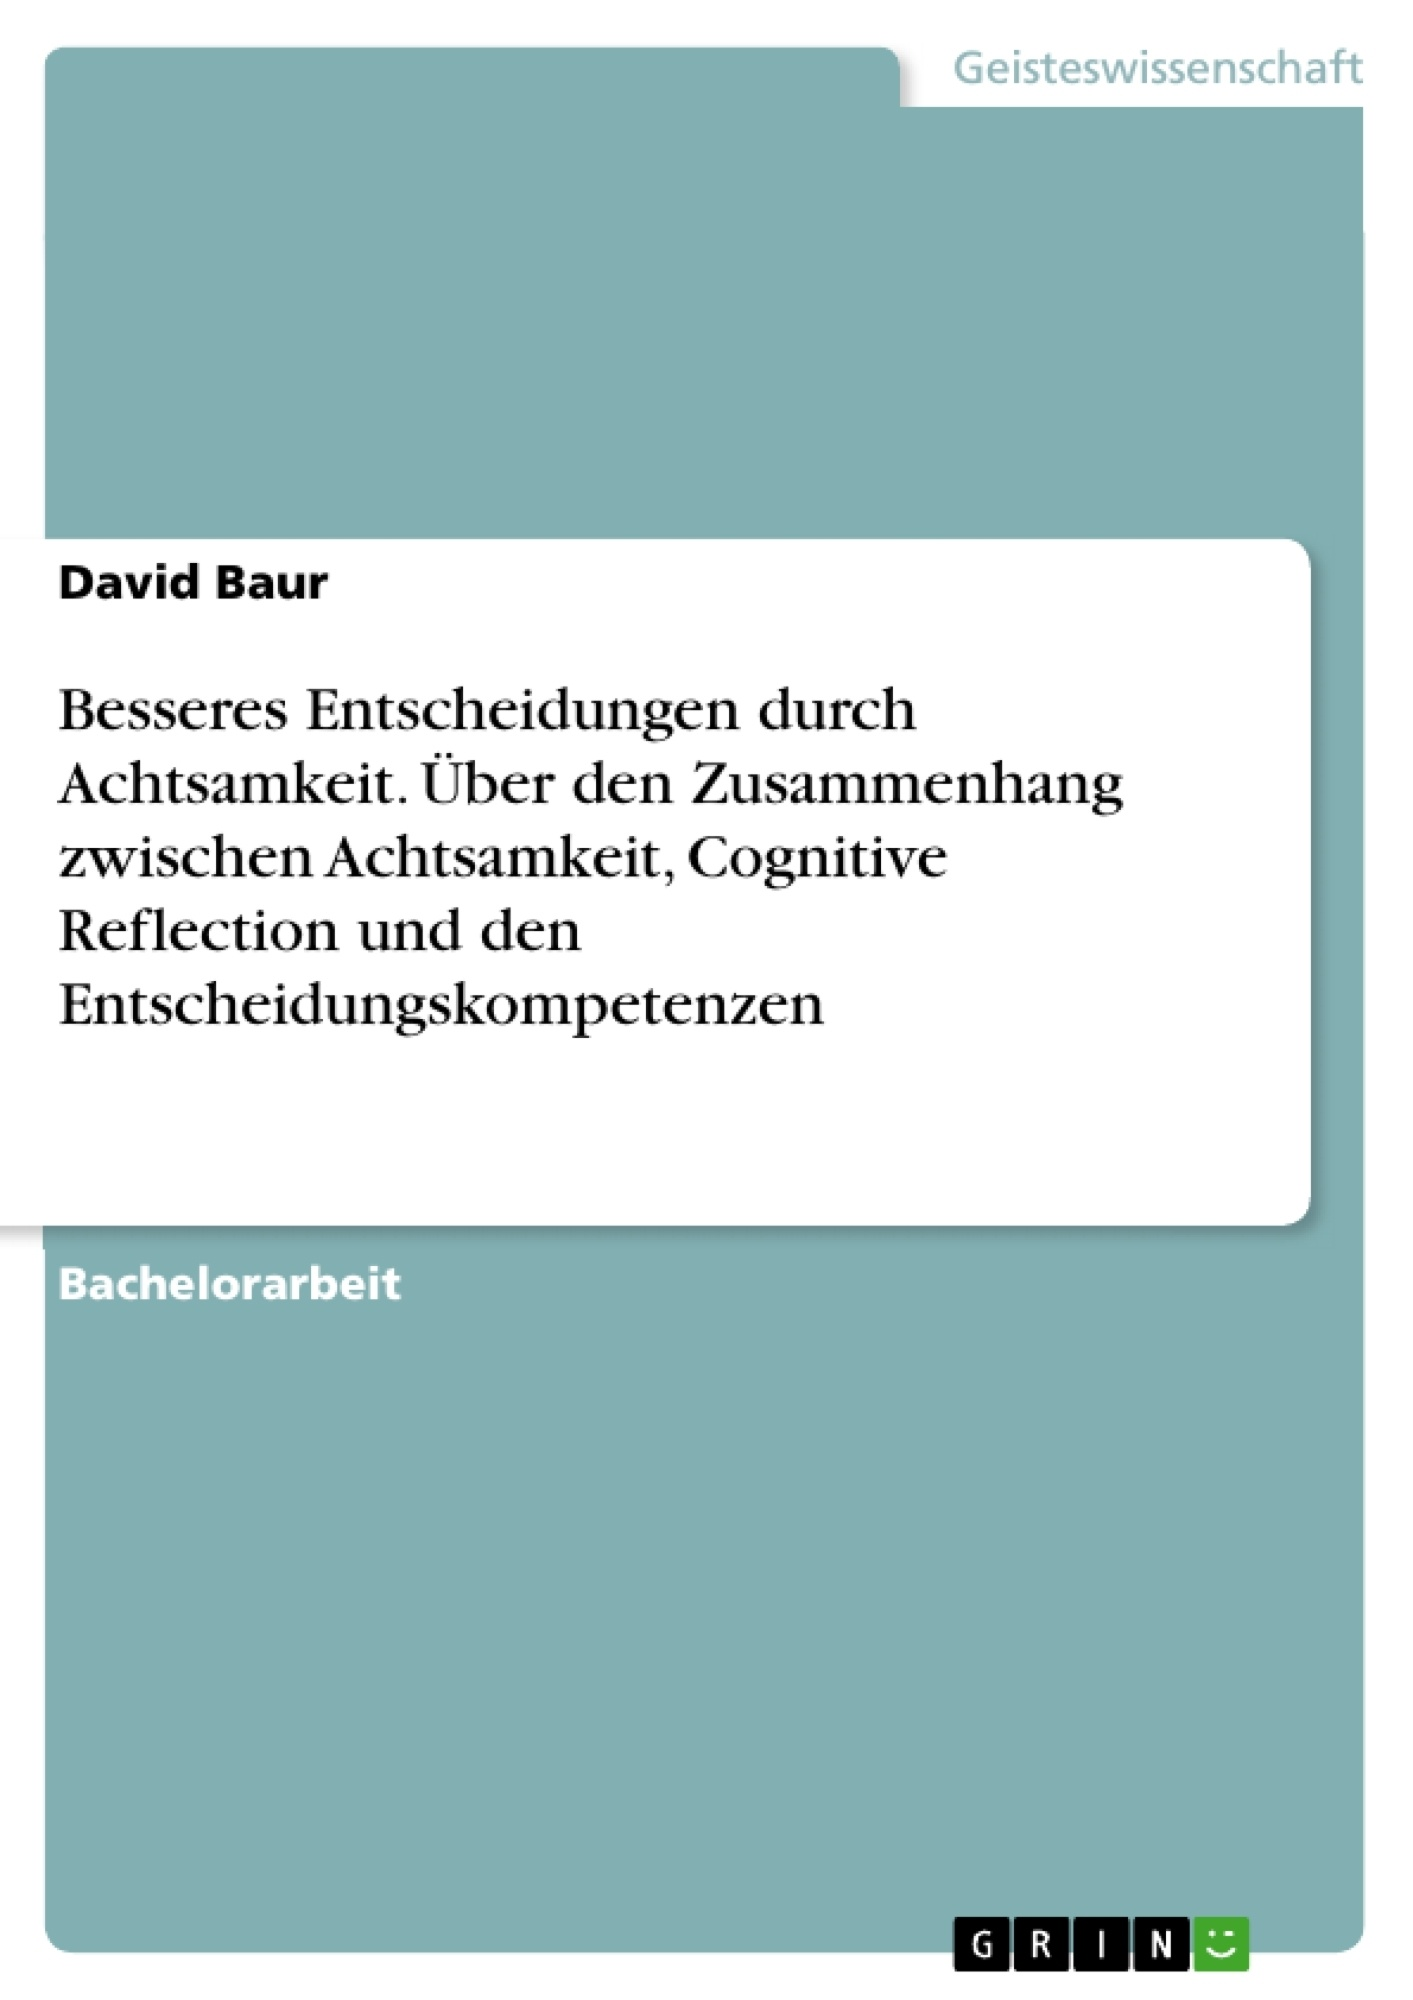 Titel: Besseres Entscheidungen durch Achtsamkeit. Über den Zusammenhang zwischen Achtsamkeit, Cognitive Reflection und den Entscheidungskompetenzen